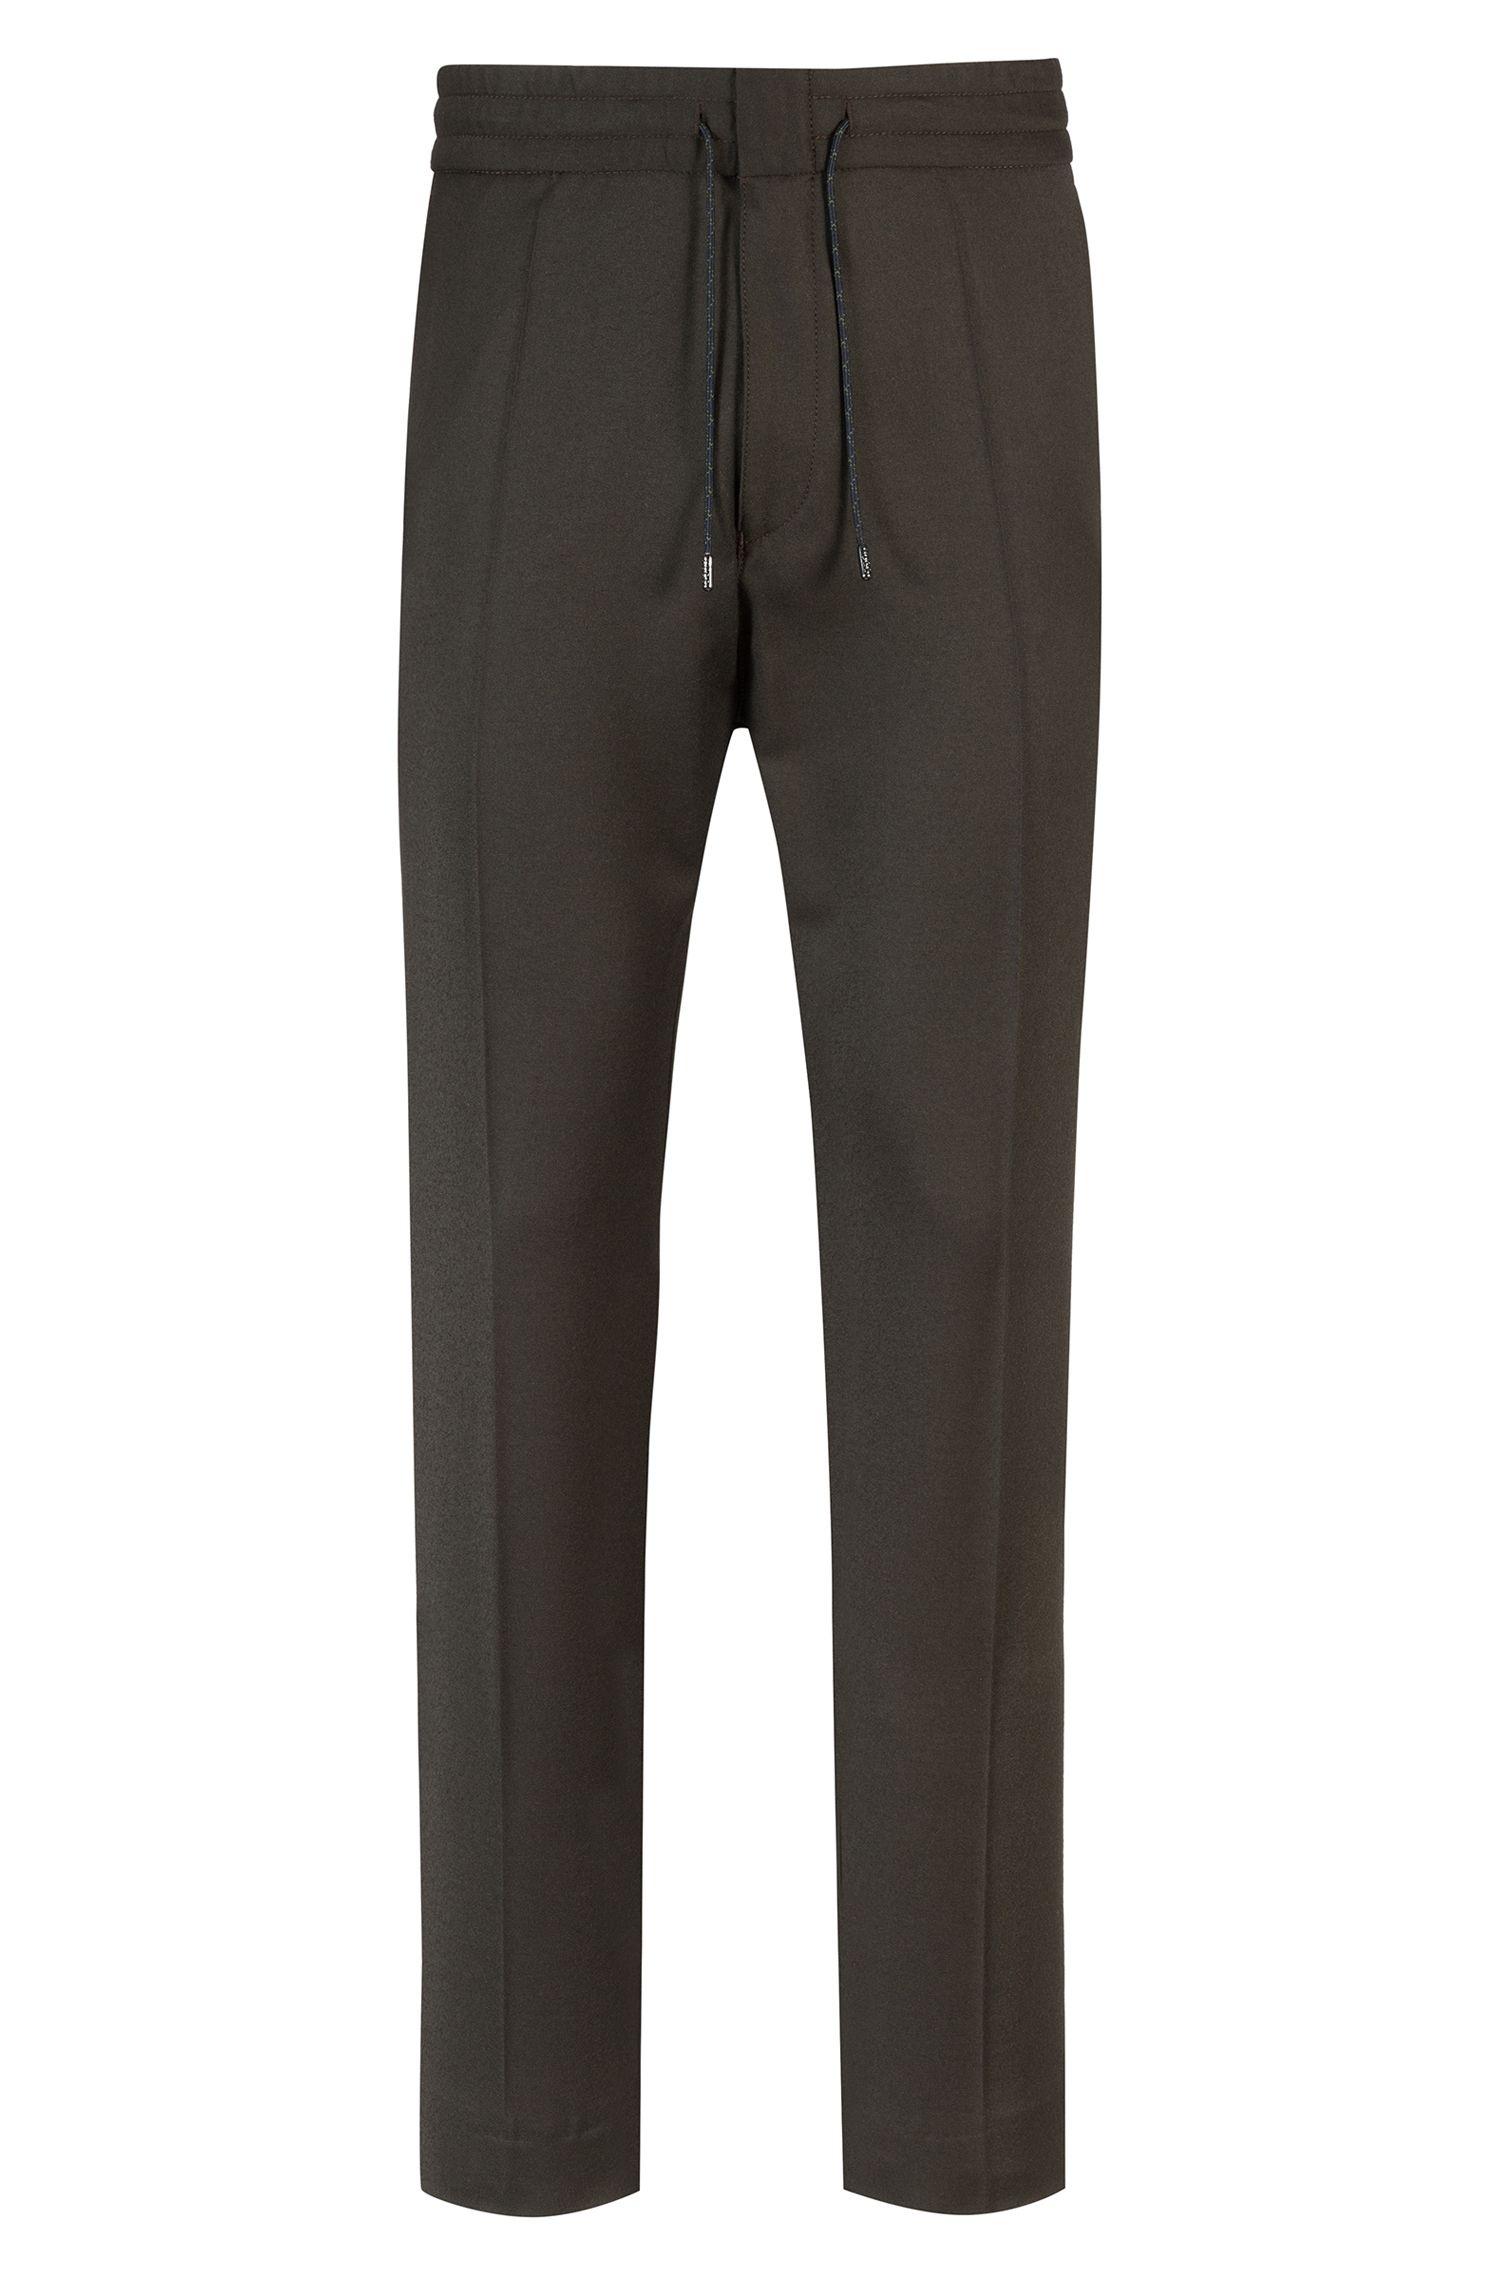 Tapered-fit broek met elastische taille, van scheerwol met stretch, Donkergroen